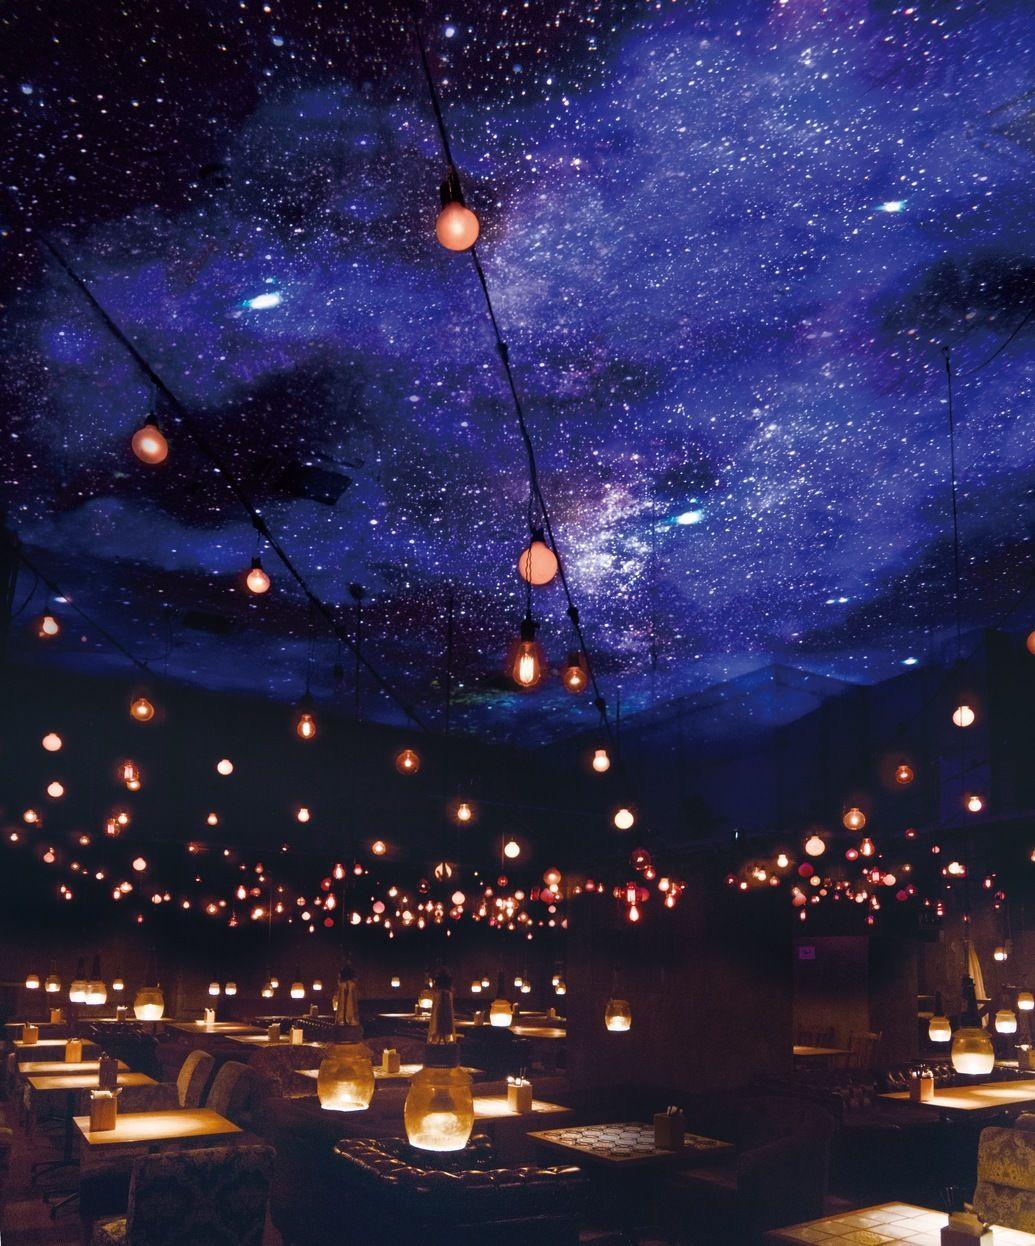 都内で美しい星空が楽しめる プラネタリウムカフェ バー 4選 画像